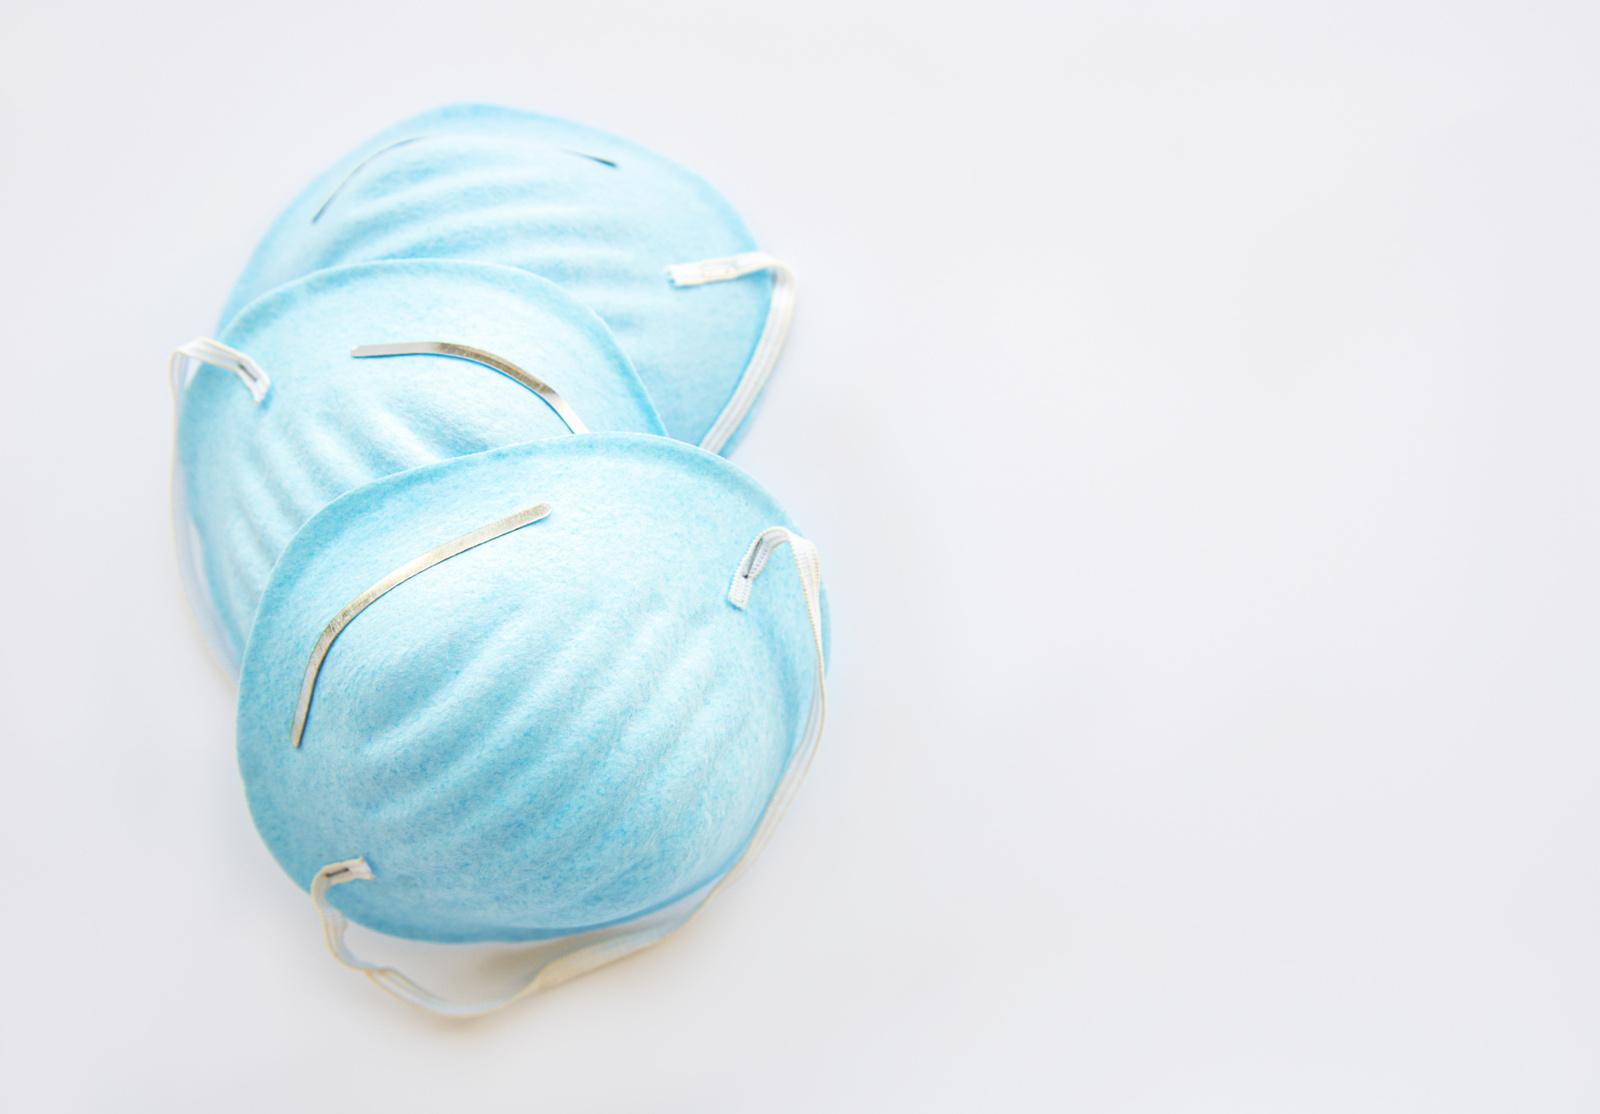 Iš Kinijos į Lietuvą atgabenta respiratorių siunta